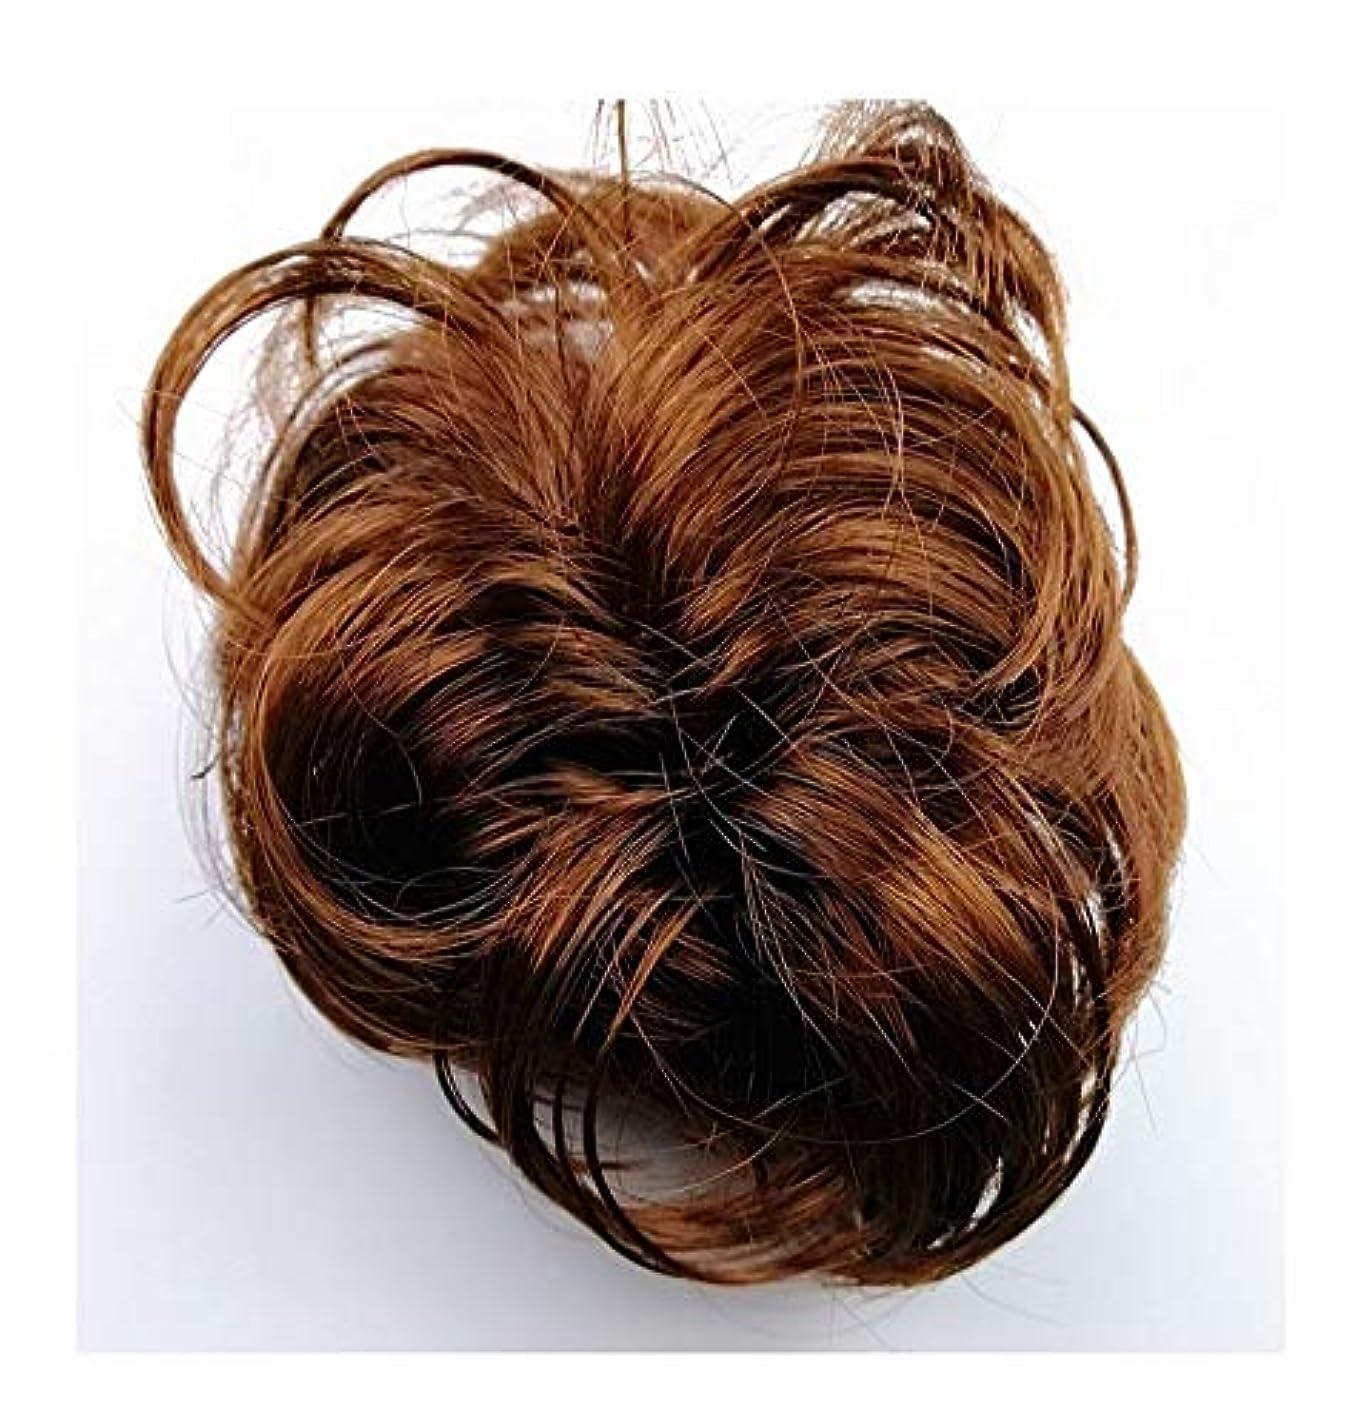 受粉者下手暗殺乱雑な髪のお団子シュシュの拡張機能、女性用カーリー波状リボンアクセサリー、ポニーテールシニョンドーナツアップ